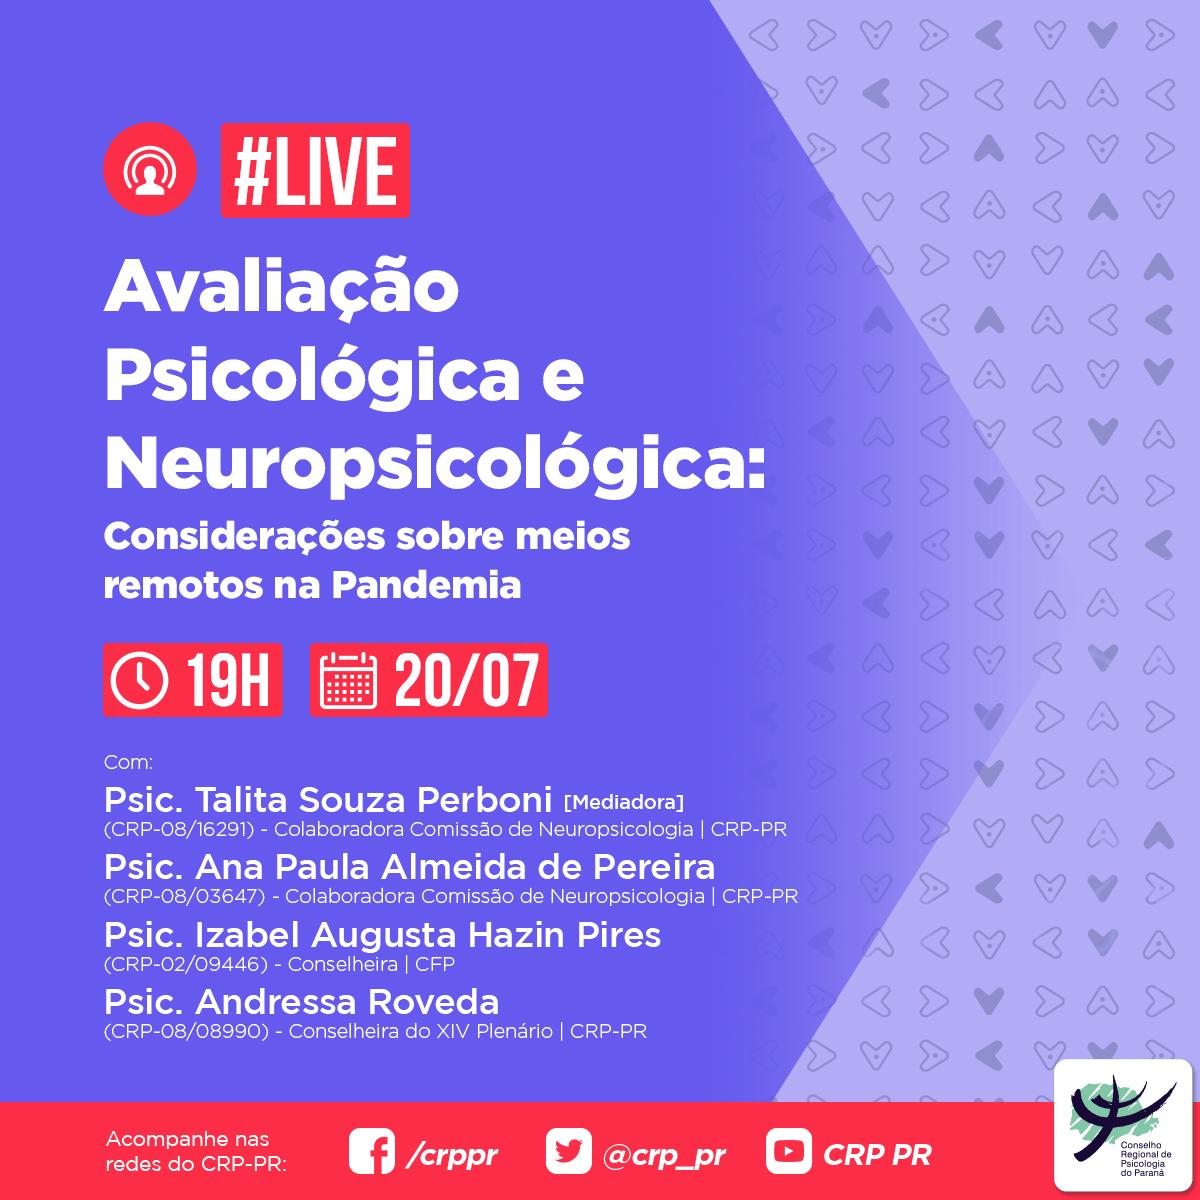 Live | Avaliação Psicológica e Neuropsicológica: considerações sobre meios remotos na pandemia